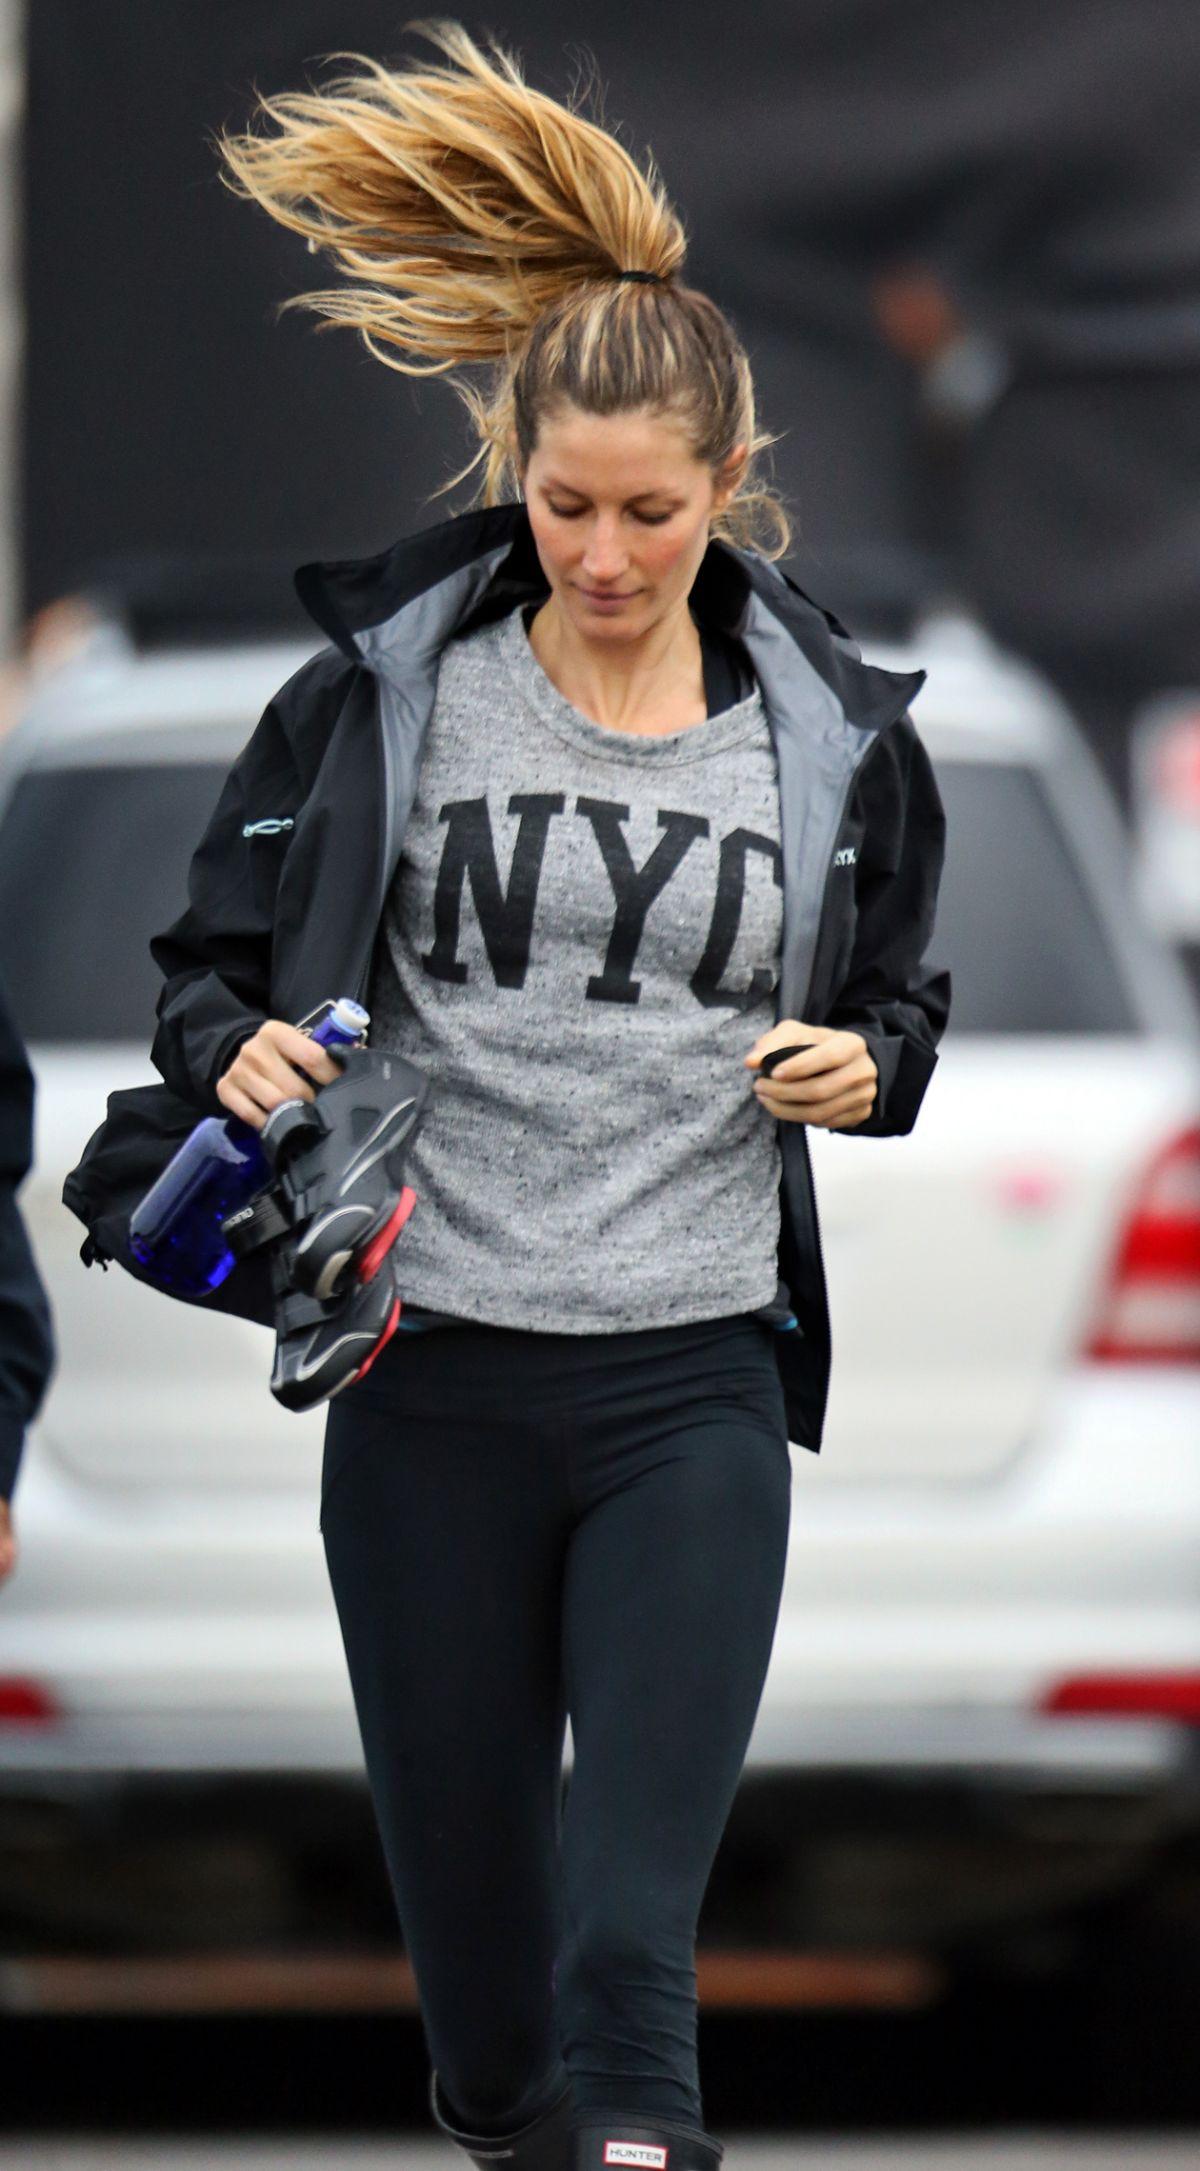 GISELE BUNDCHEN Leaves a Gym in Boston